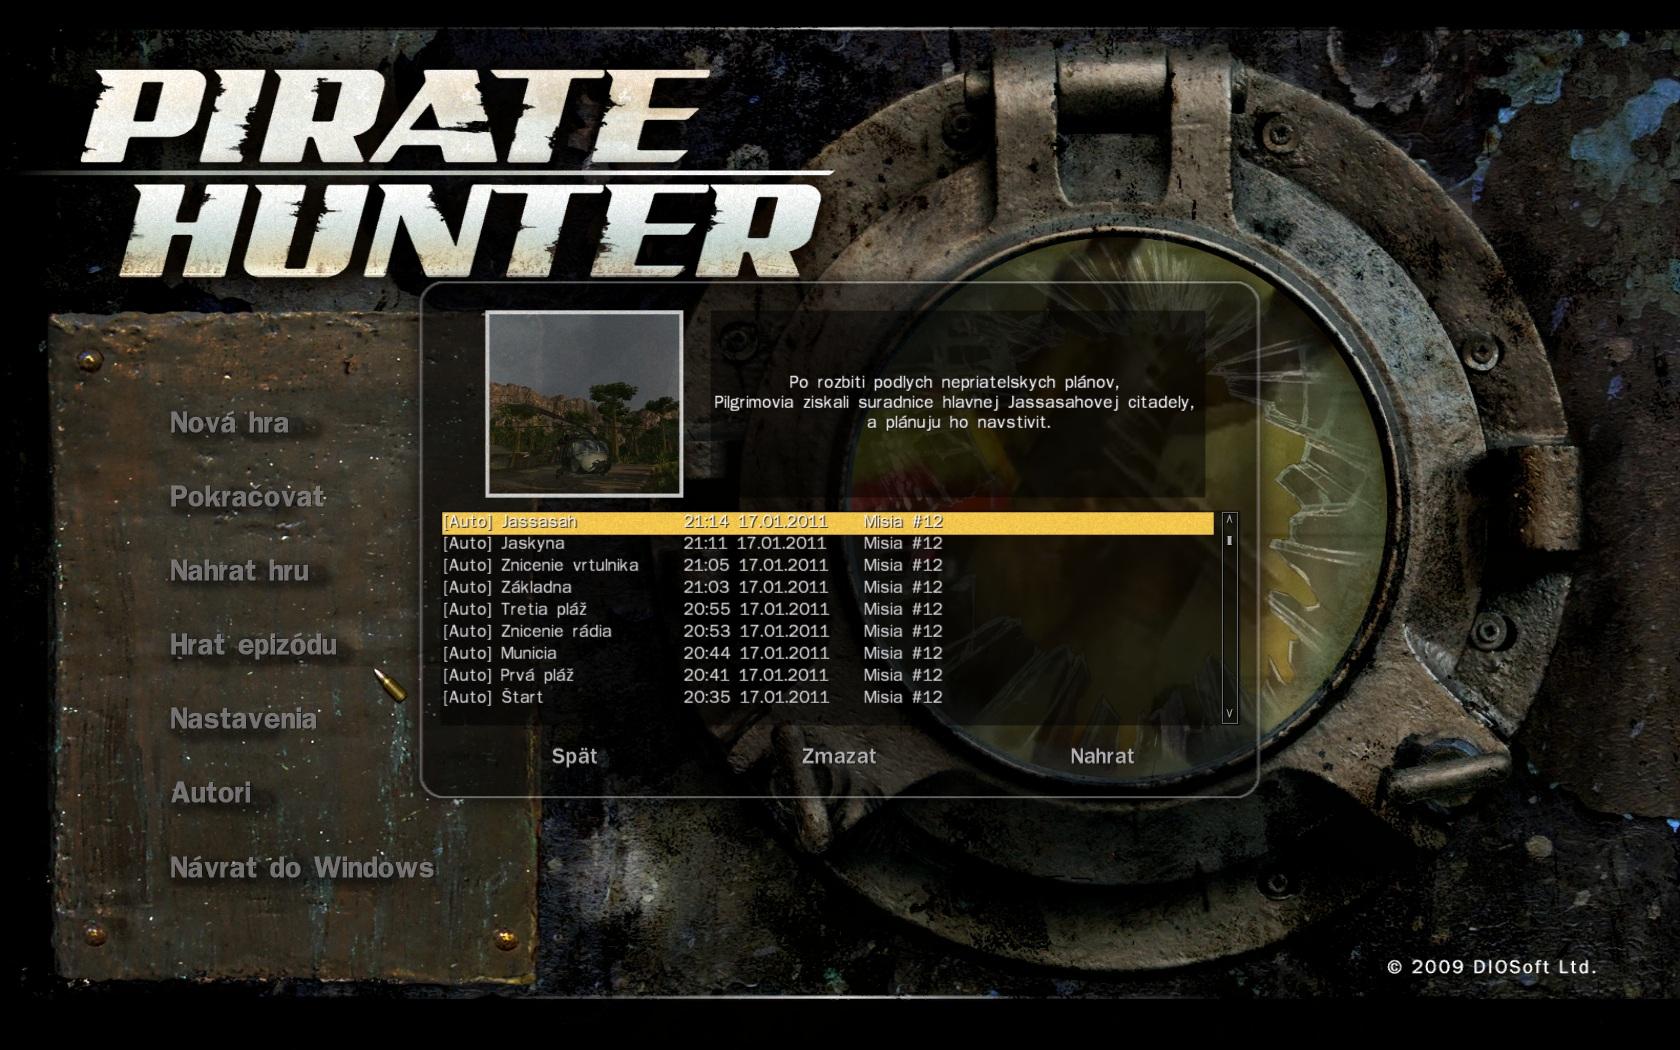 pirate-hunter-sk-screen